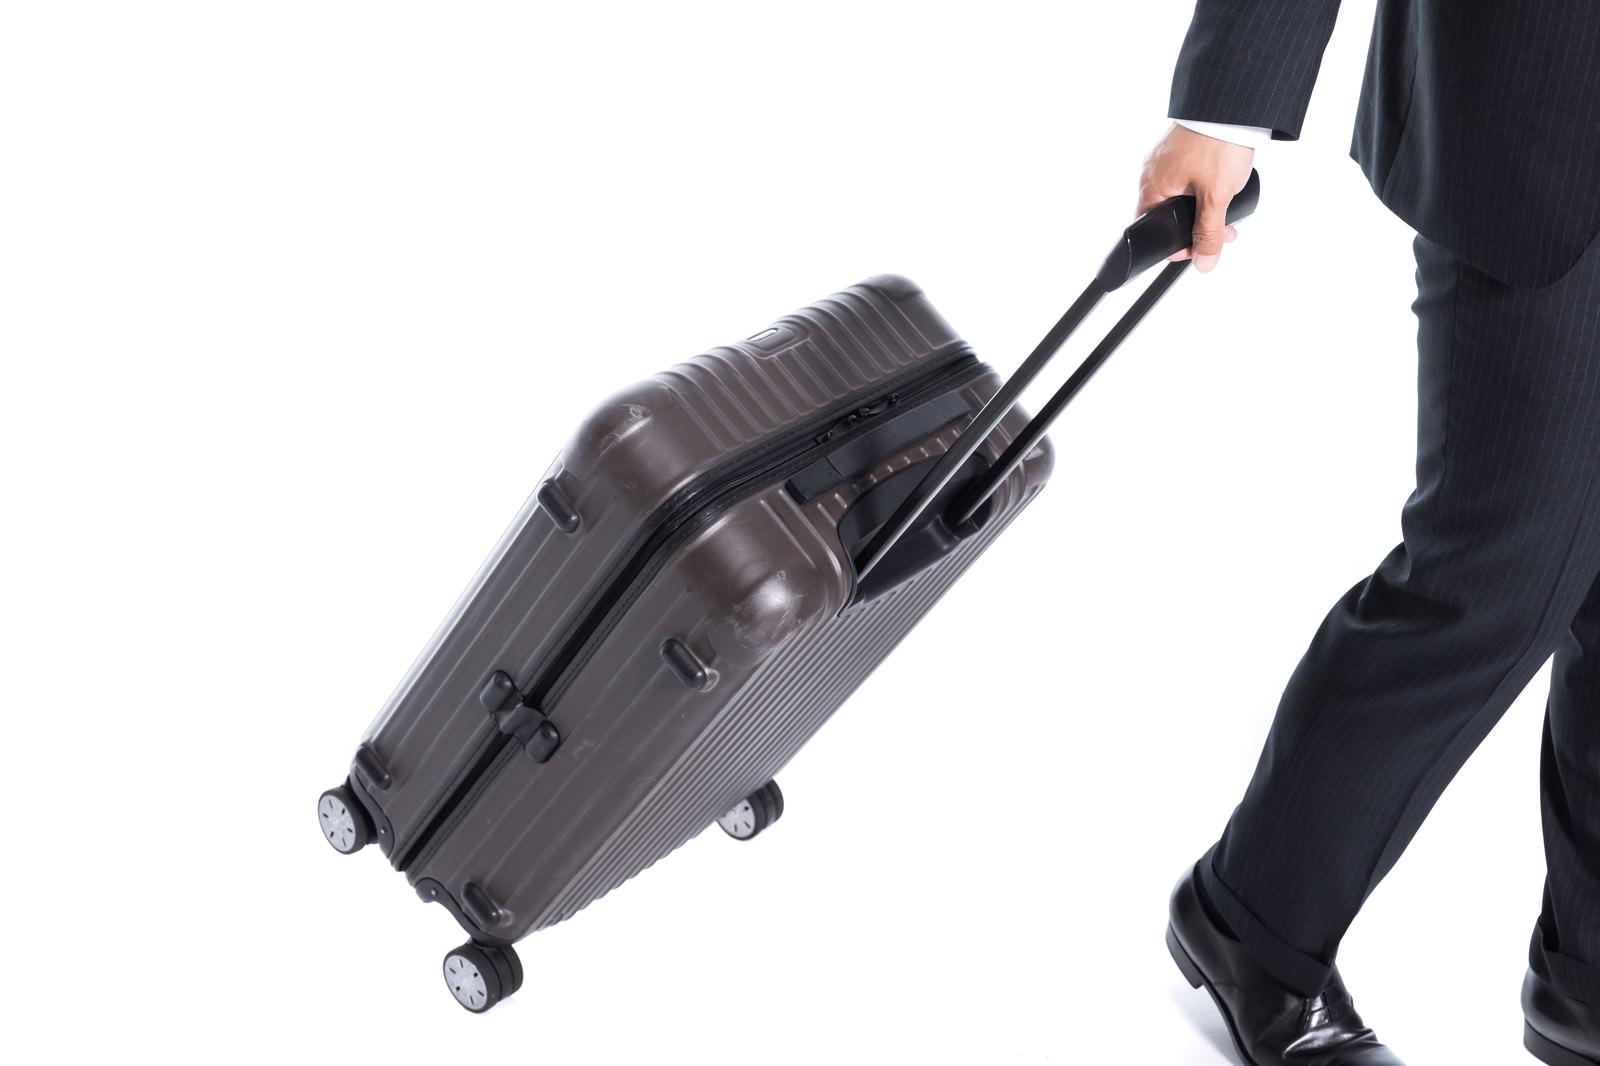 「伸縮ハンドル式のスーツケース」の写真[モデル:大川竜弥]